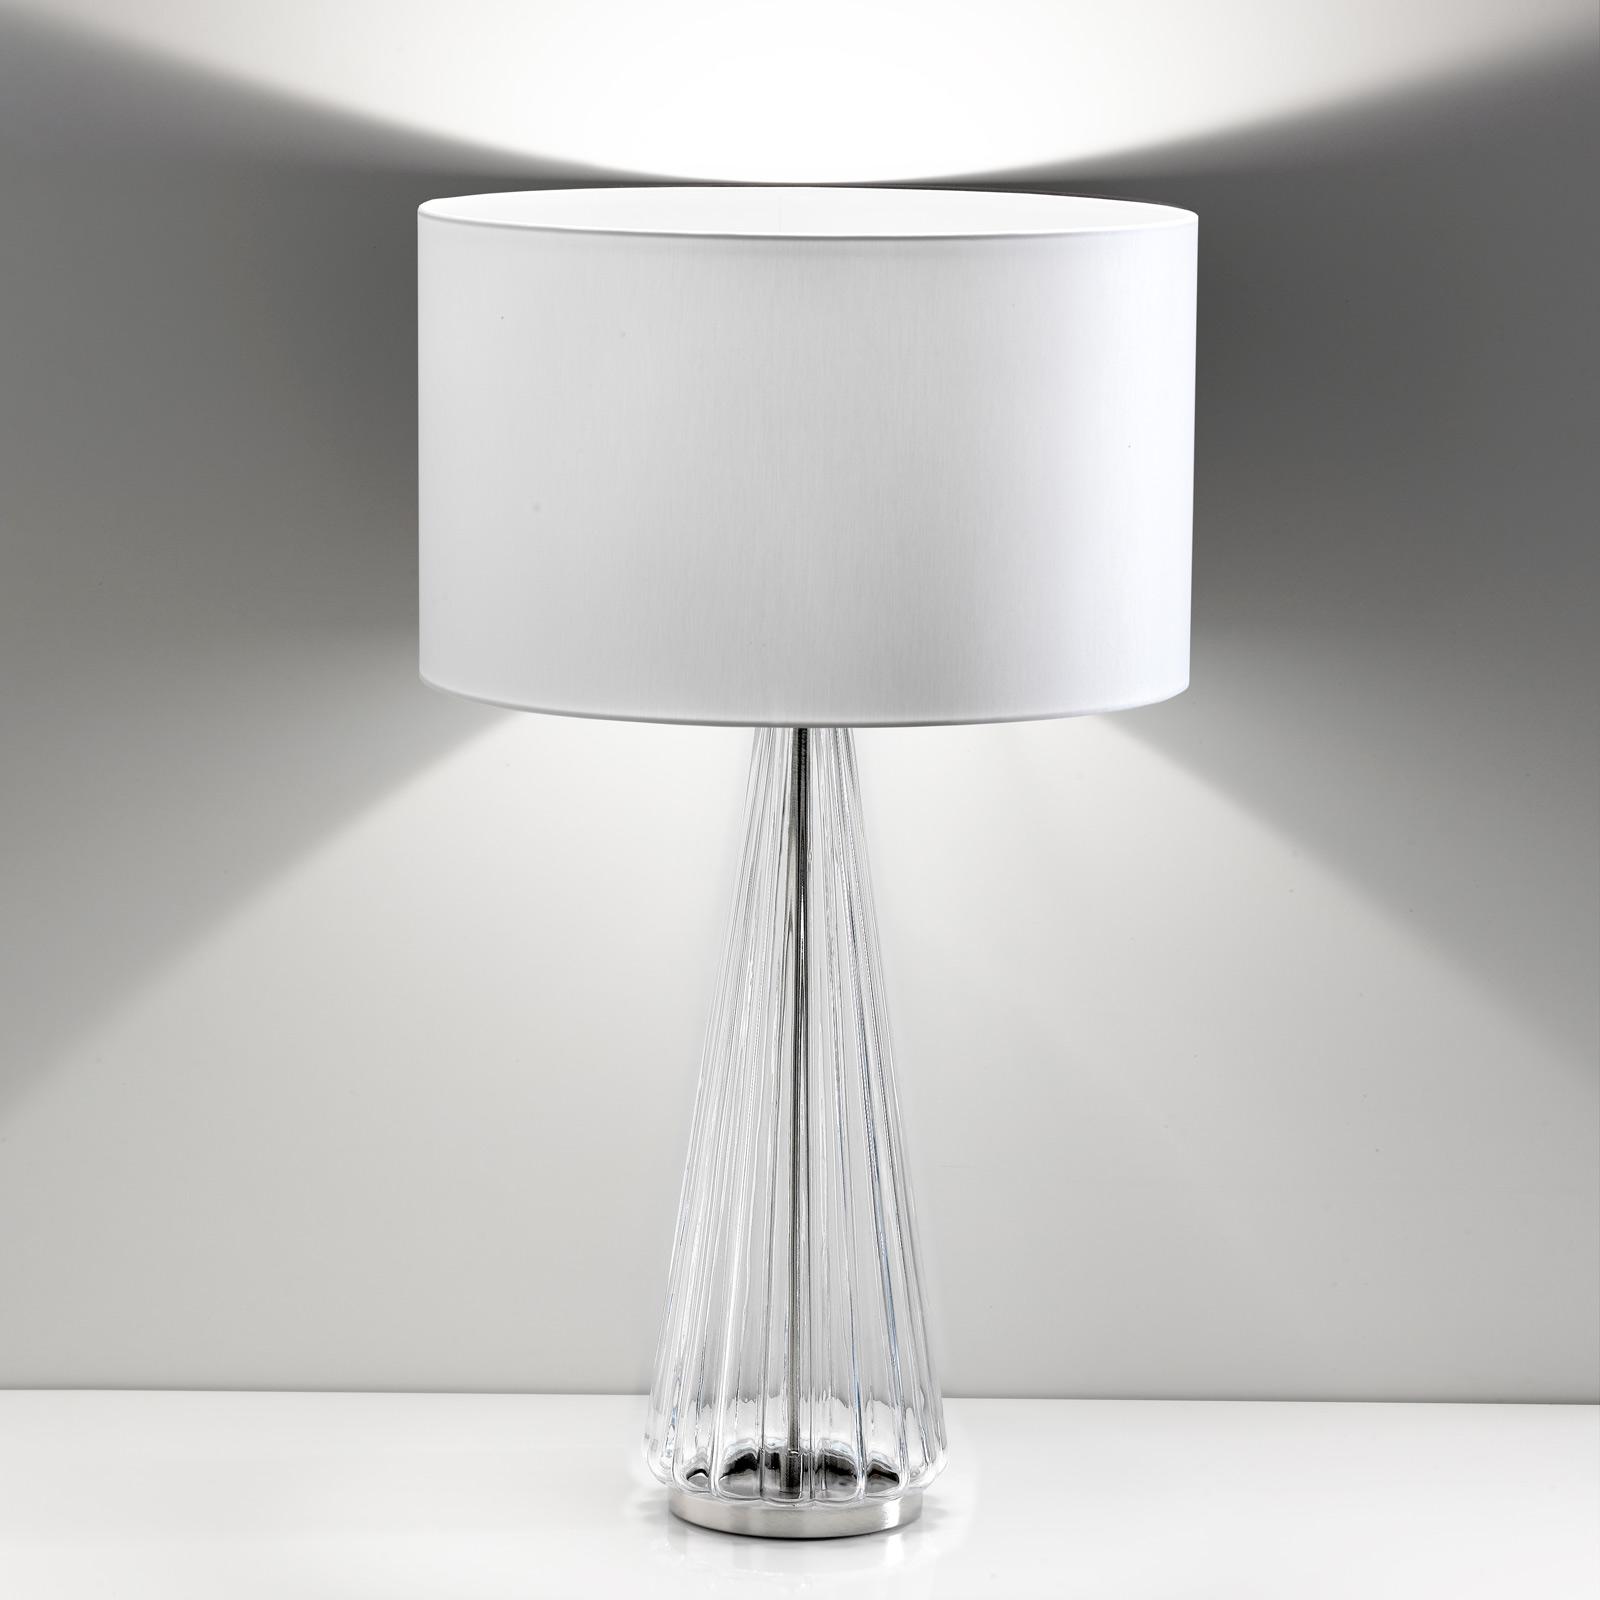 Bordslampa Costa Rica skärm vit, fot genomskinlig